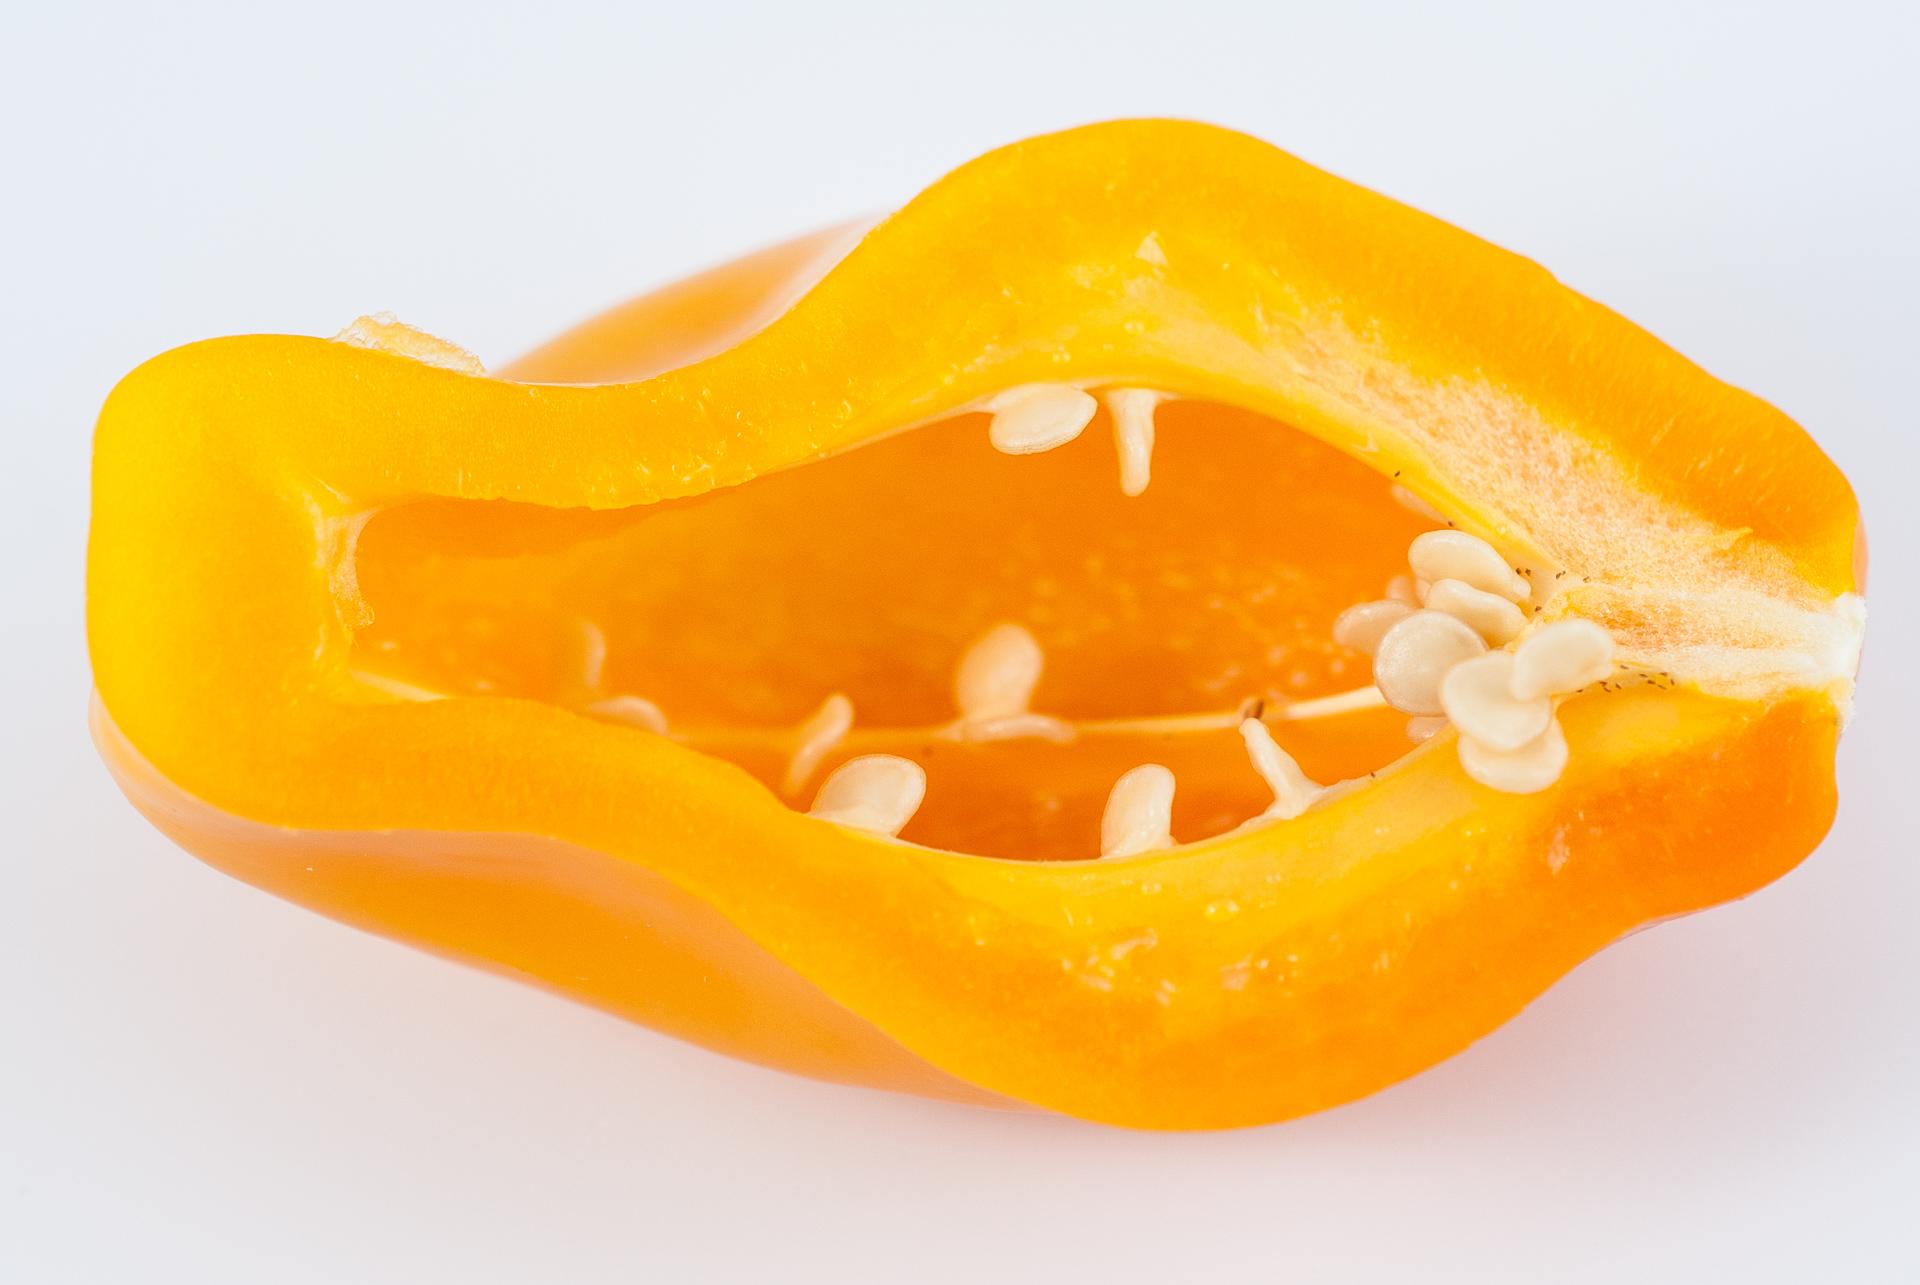 BRA 00035607-1 - Capsicum chinense - Chilisorte